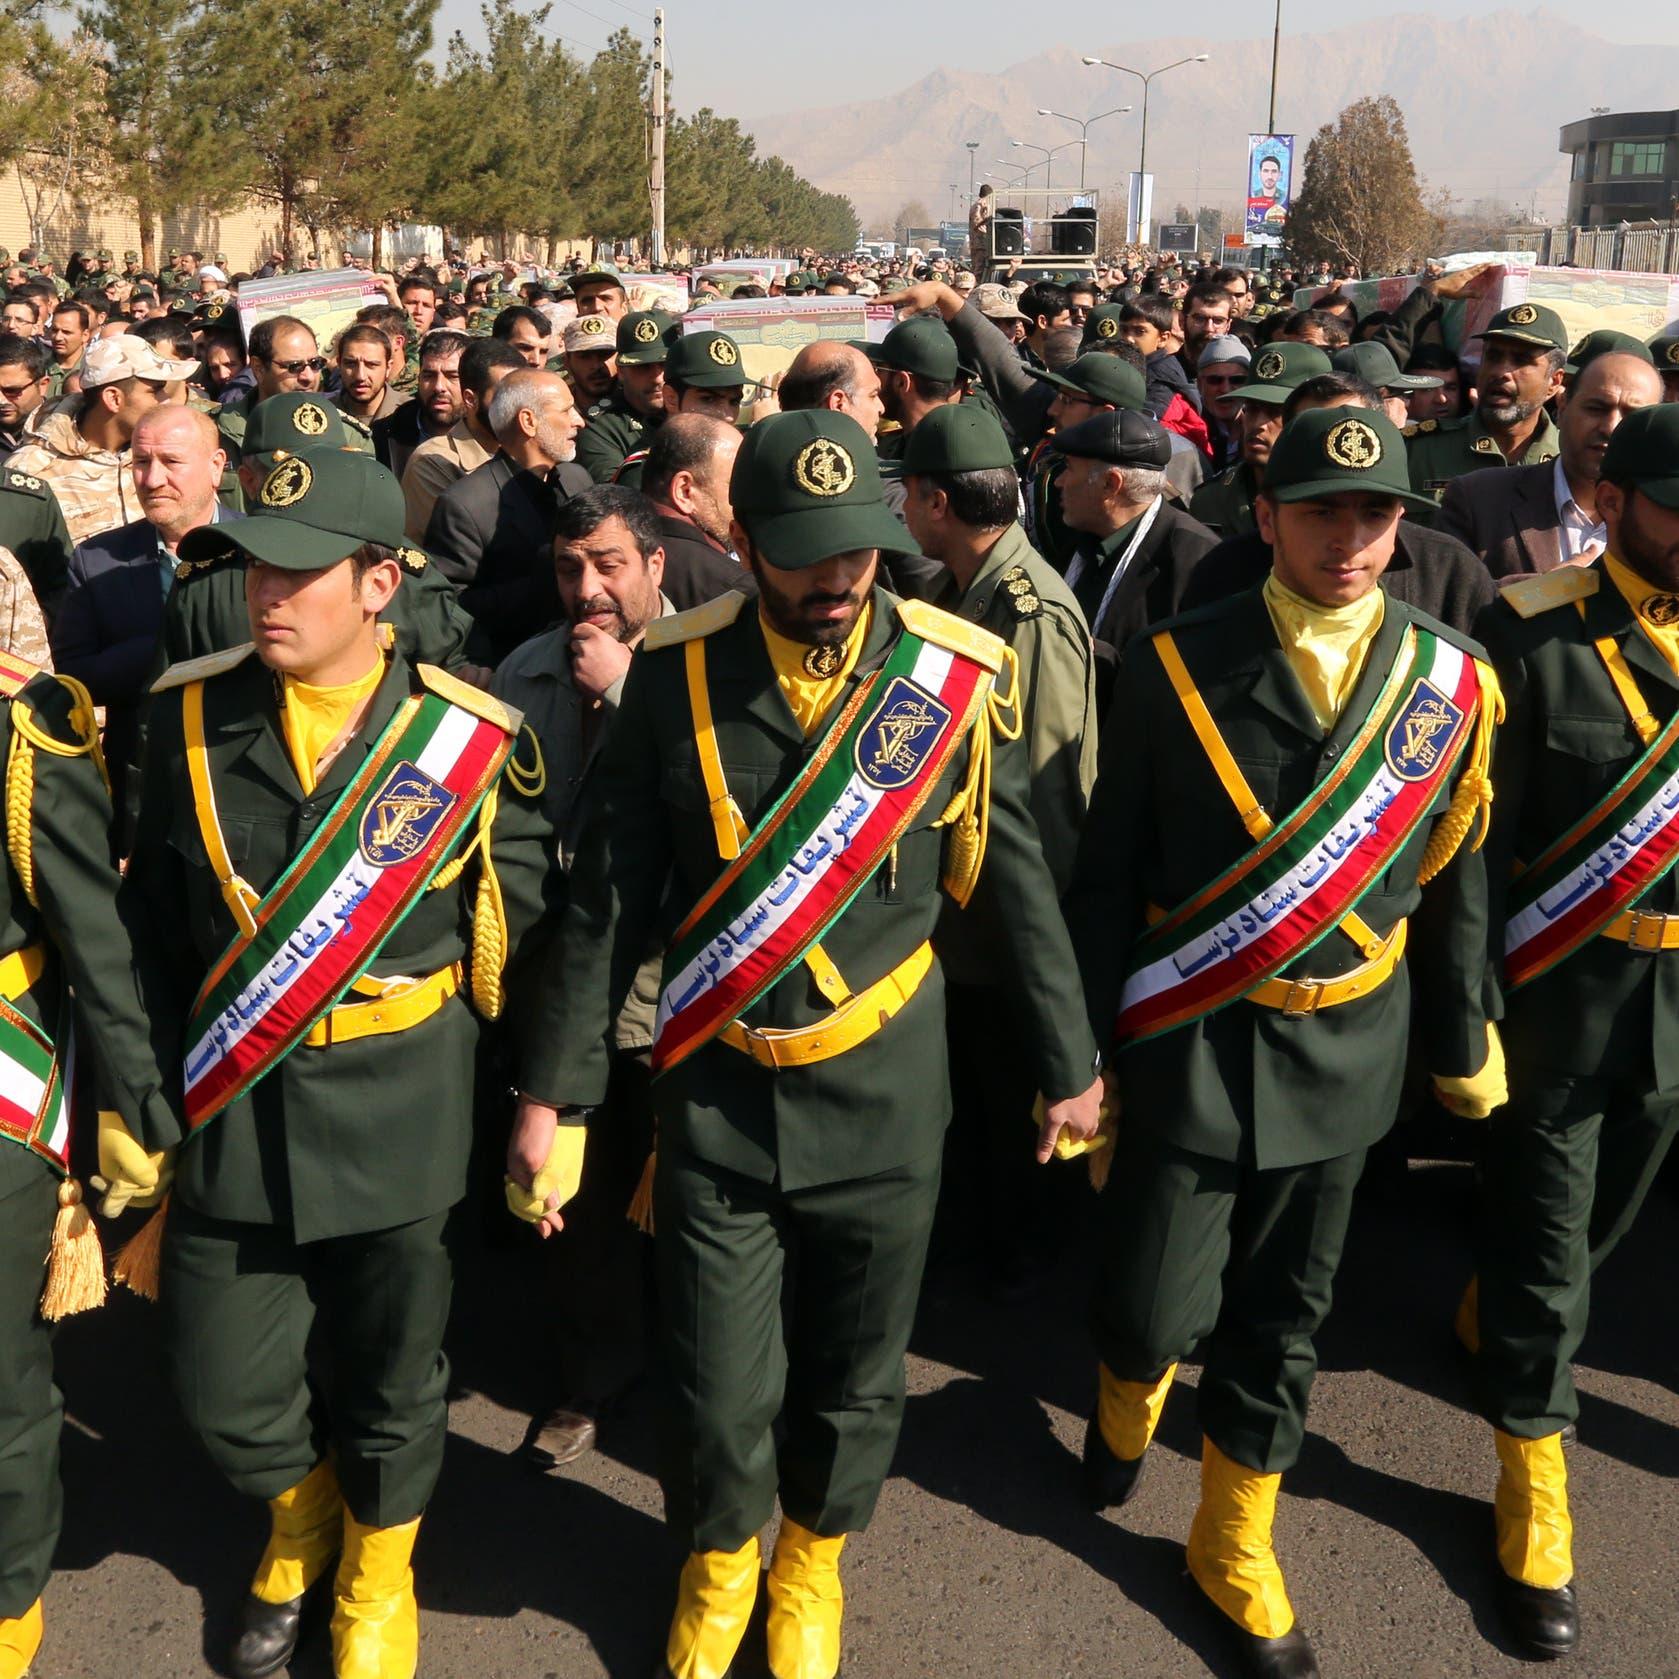 وثائق: تفاصيل مثيرة عن صراع أجهزة الأمن القومي الإيراني